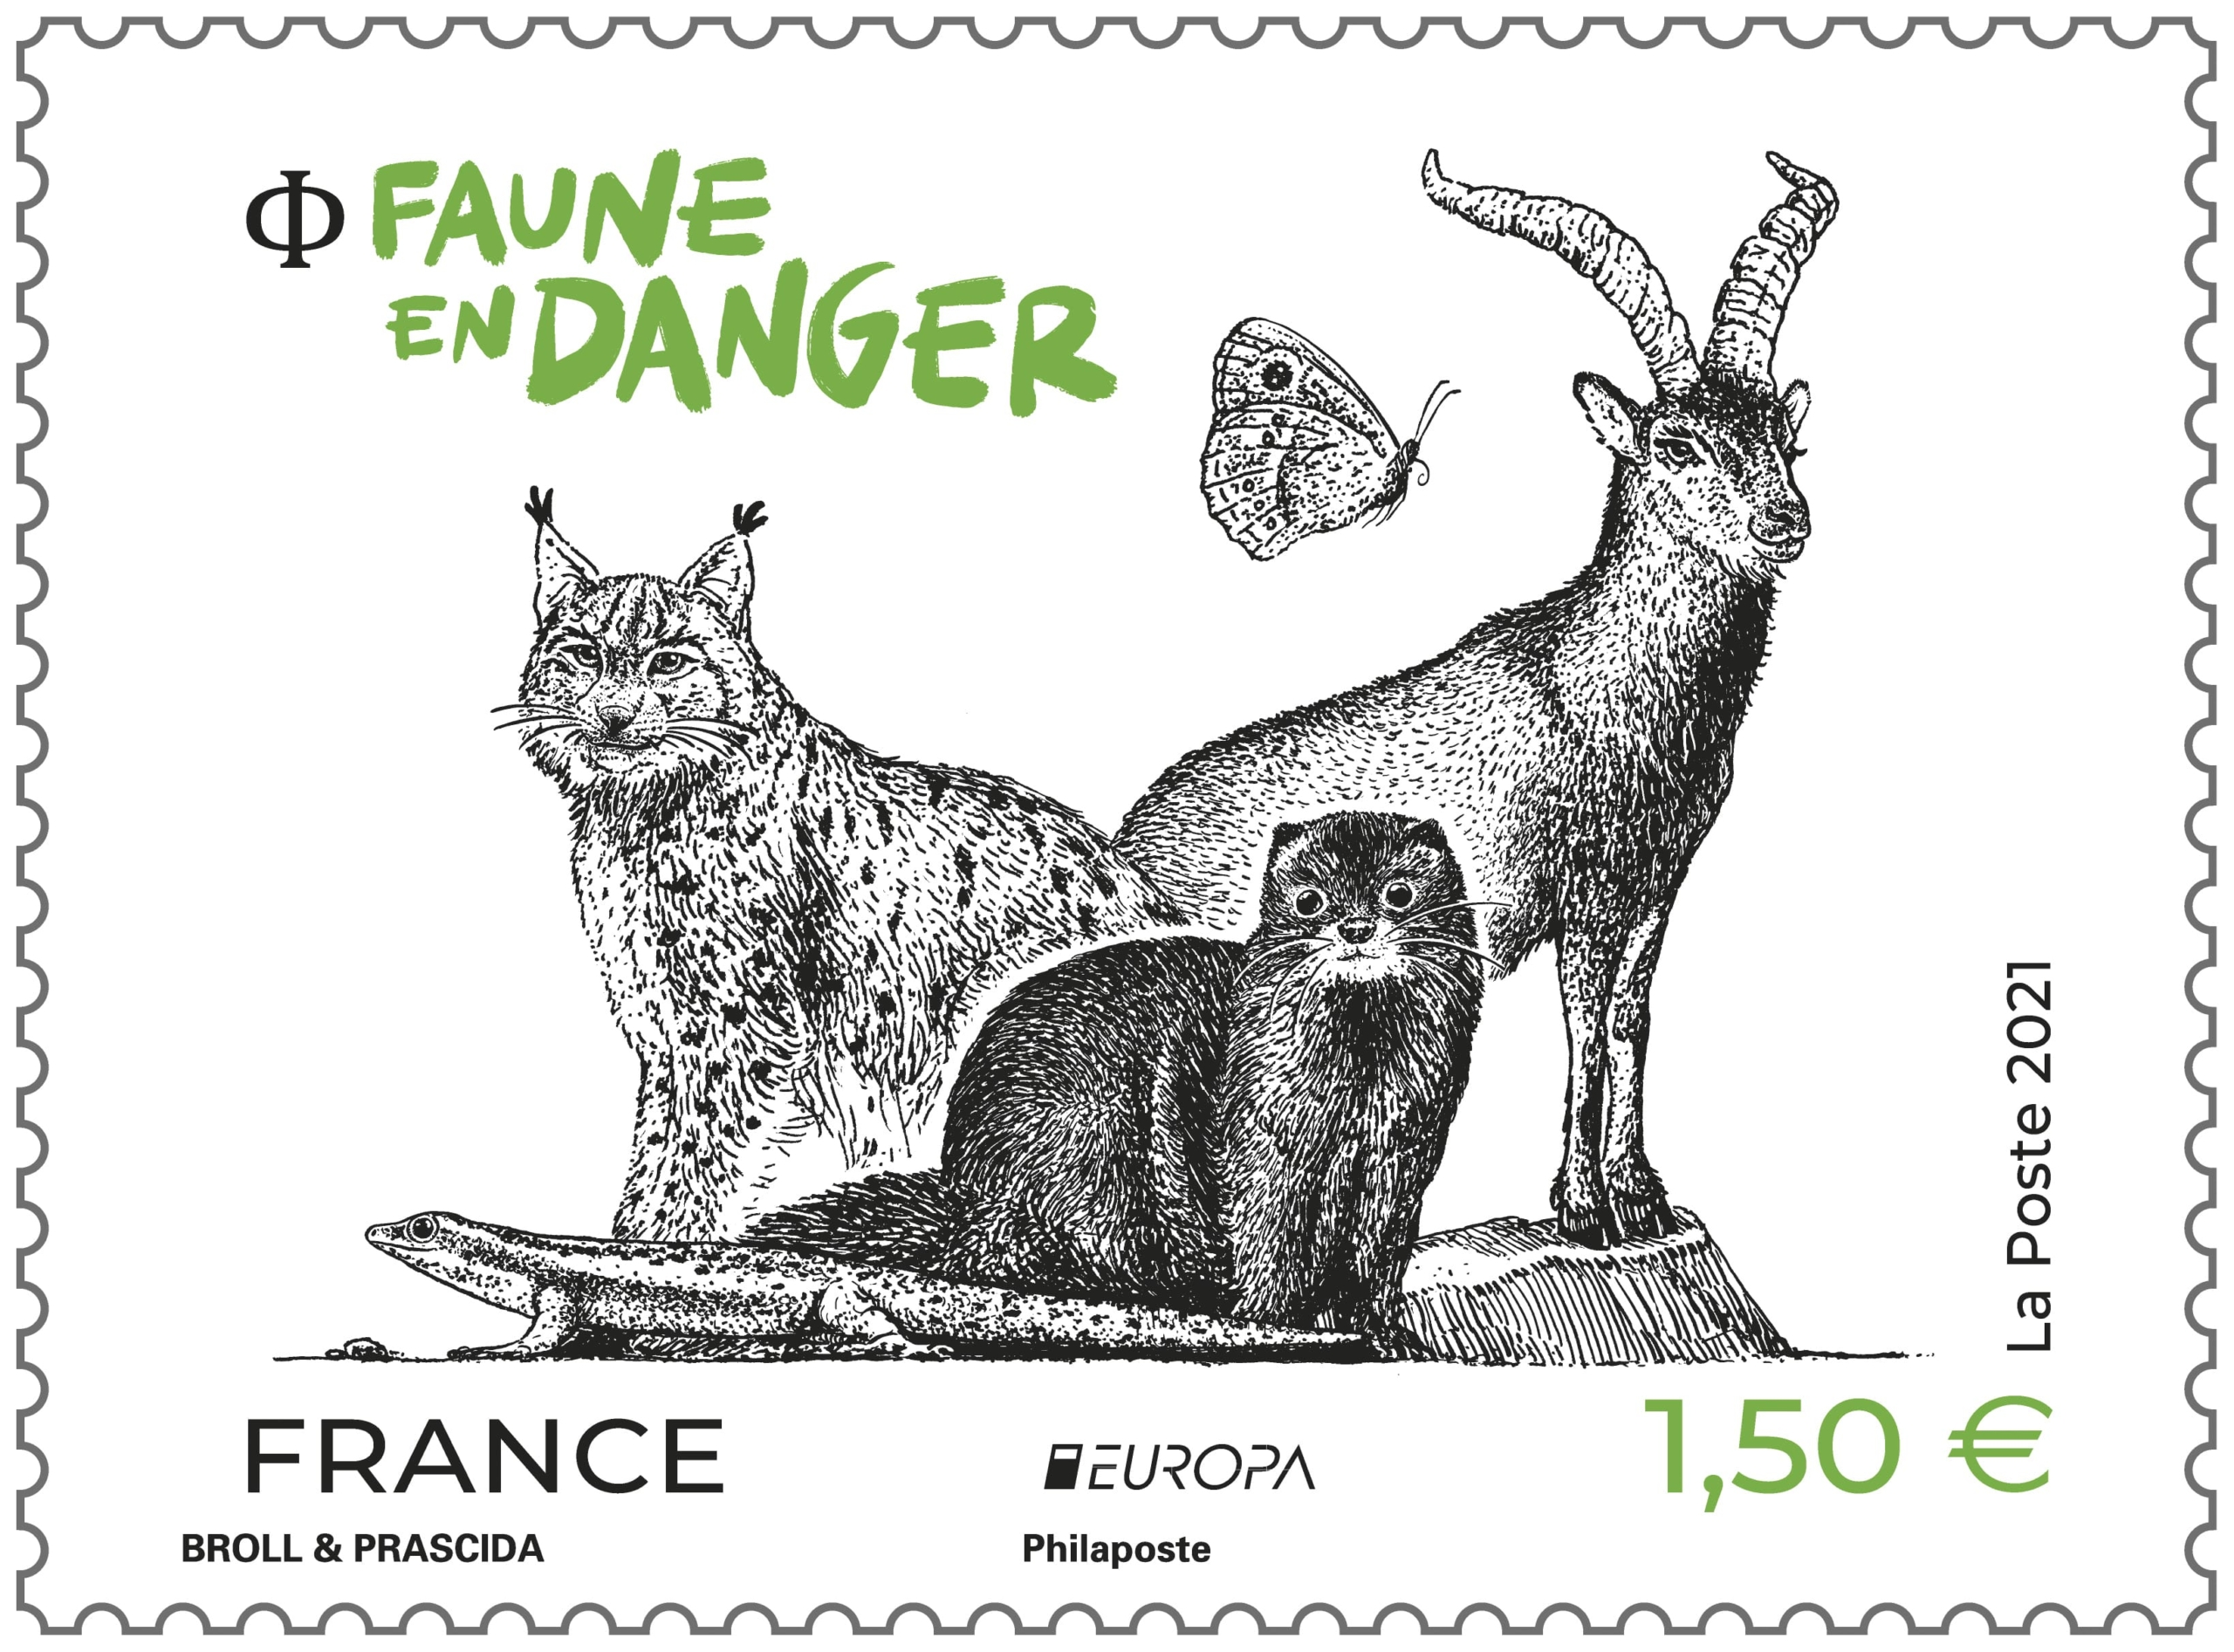 FAUNE EN DANGER EUROPA